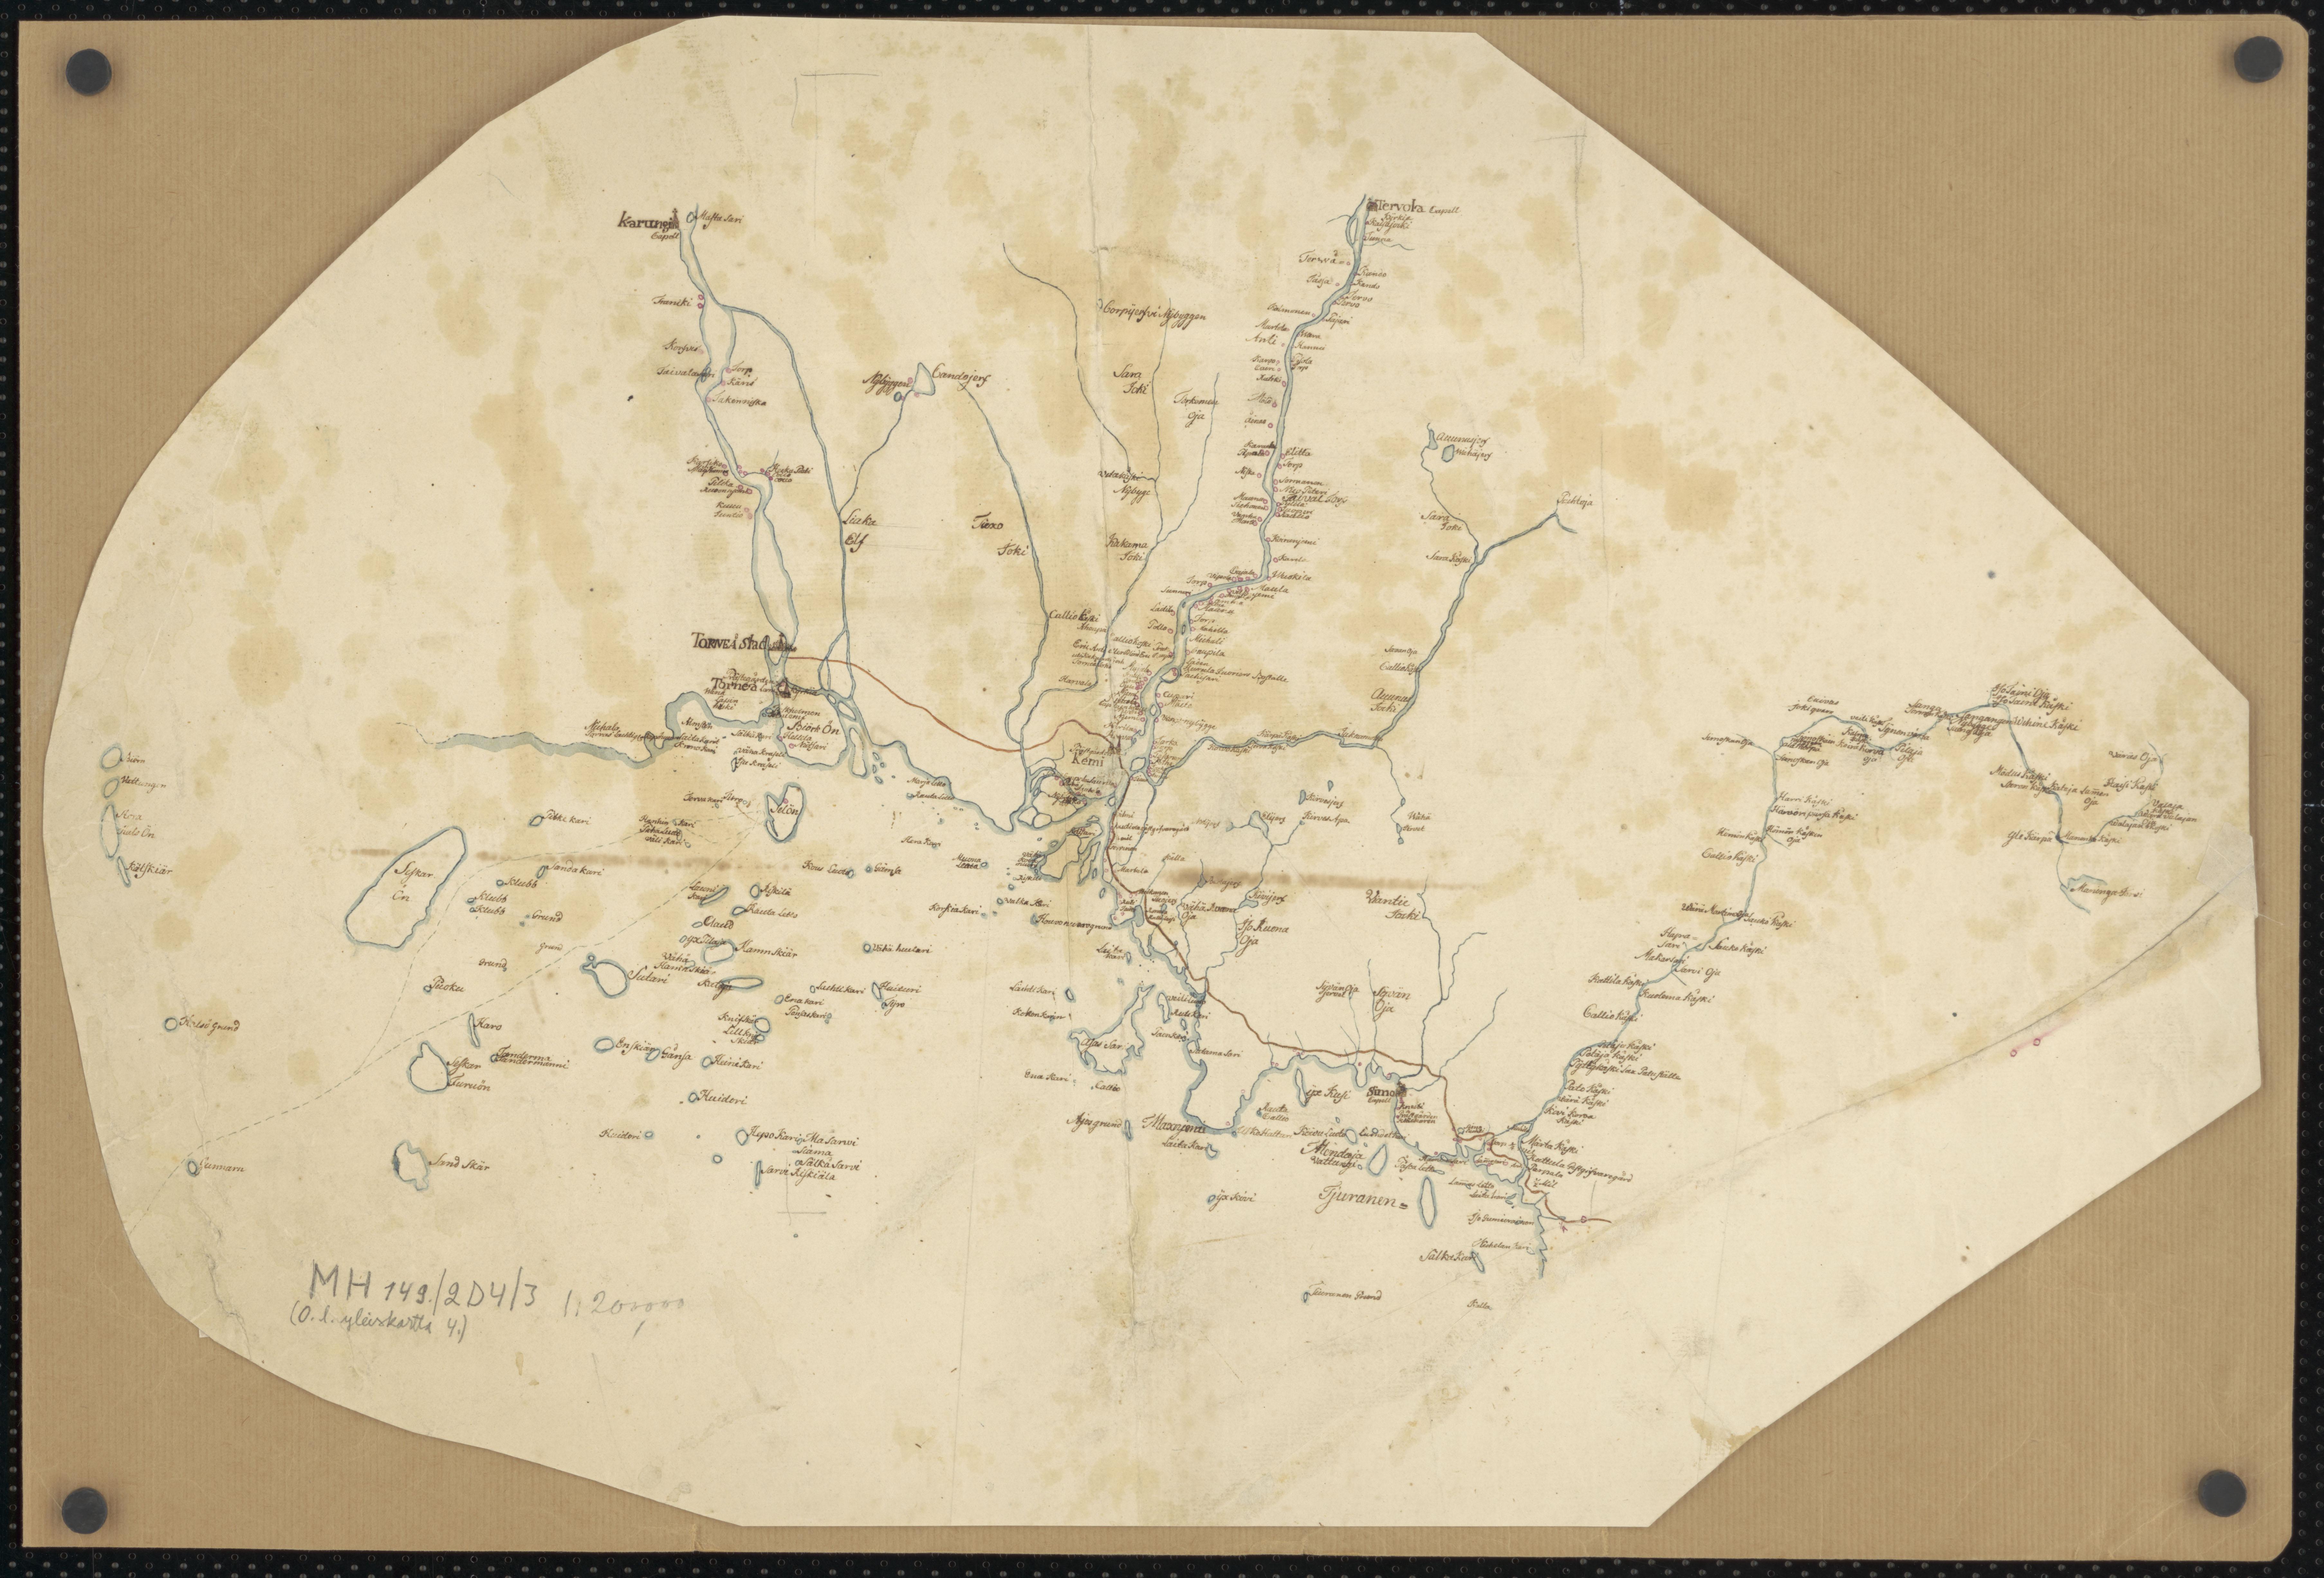 Hiippakunnan Rajalla 1645 1648 Arkisto Suku Forum